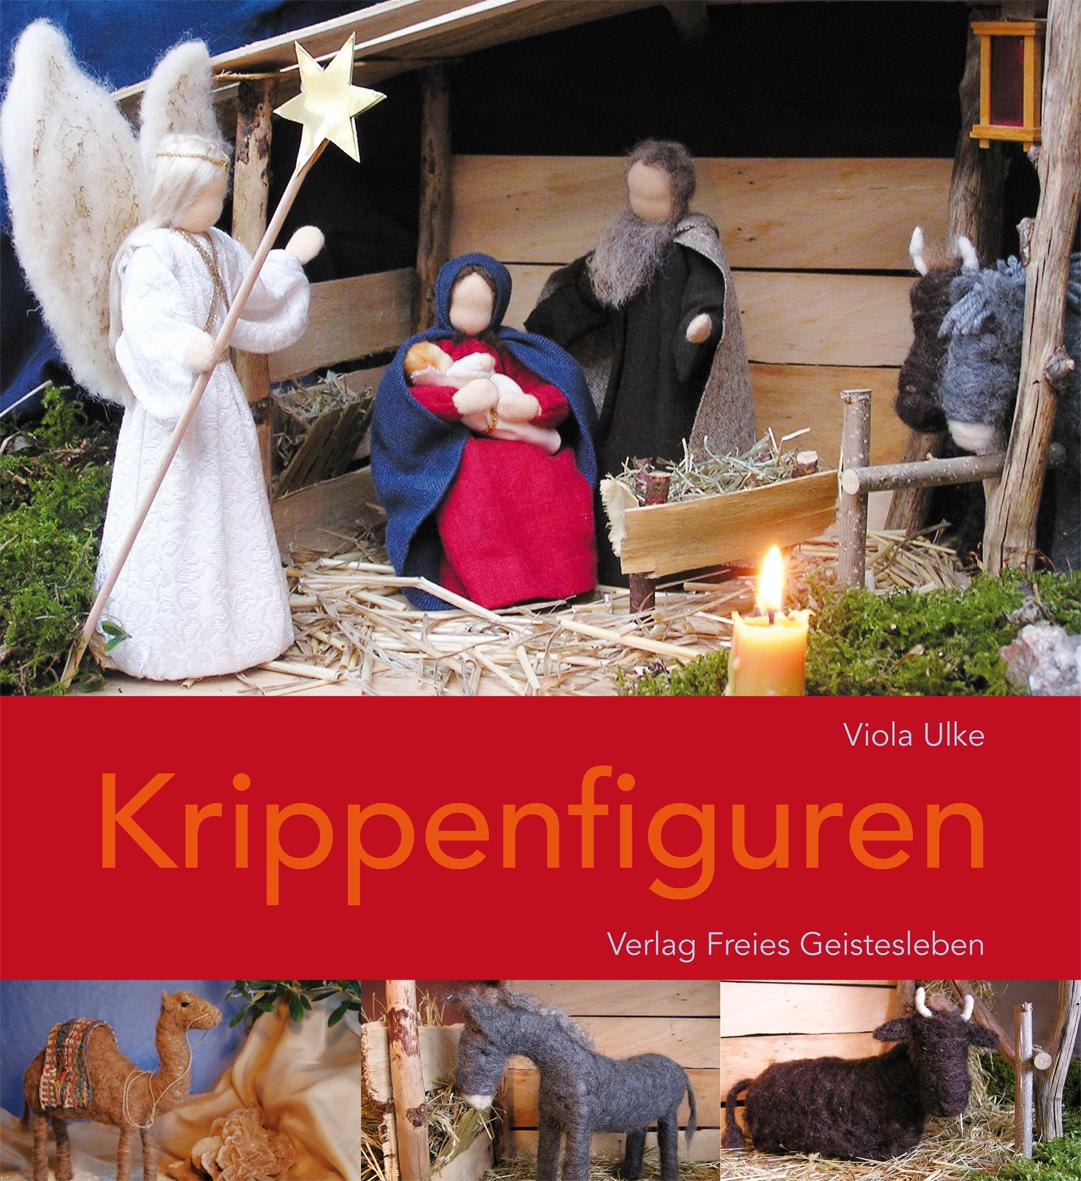 Krippenfiguren Verlag Freies Geistesleben